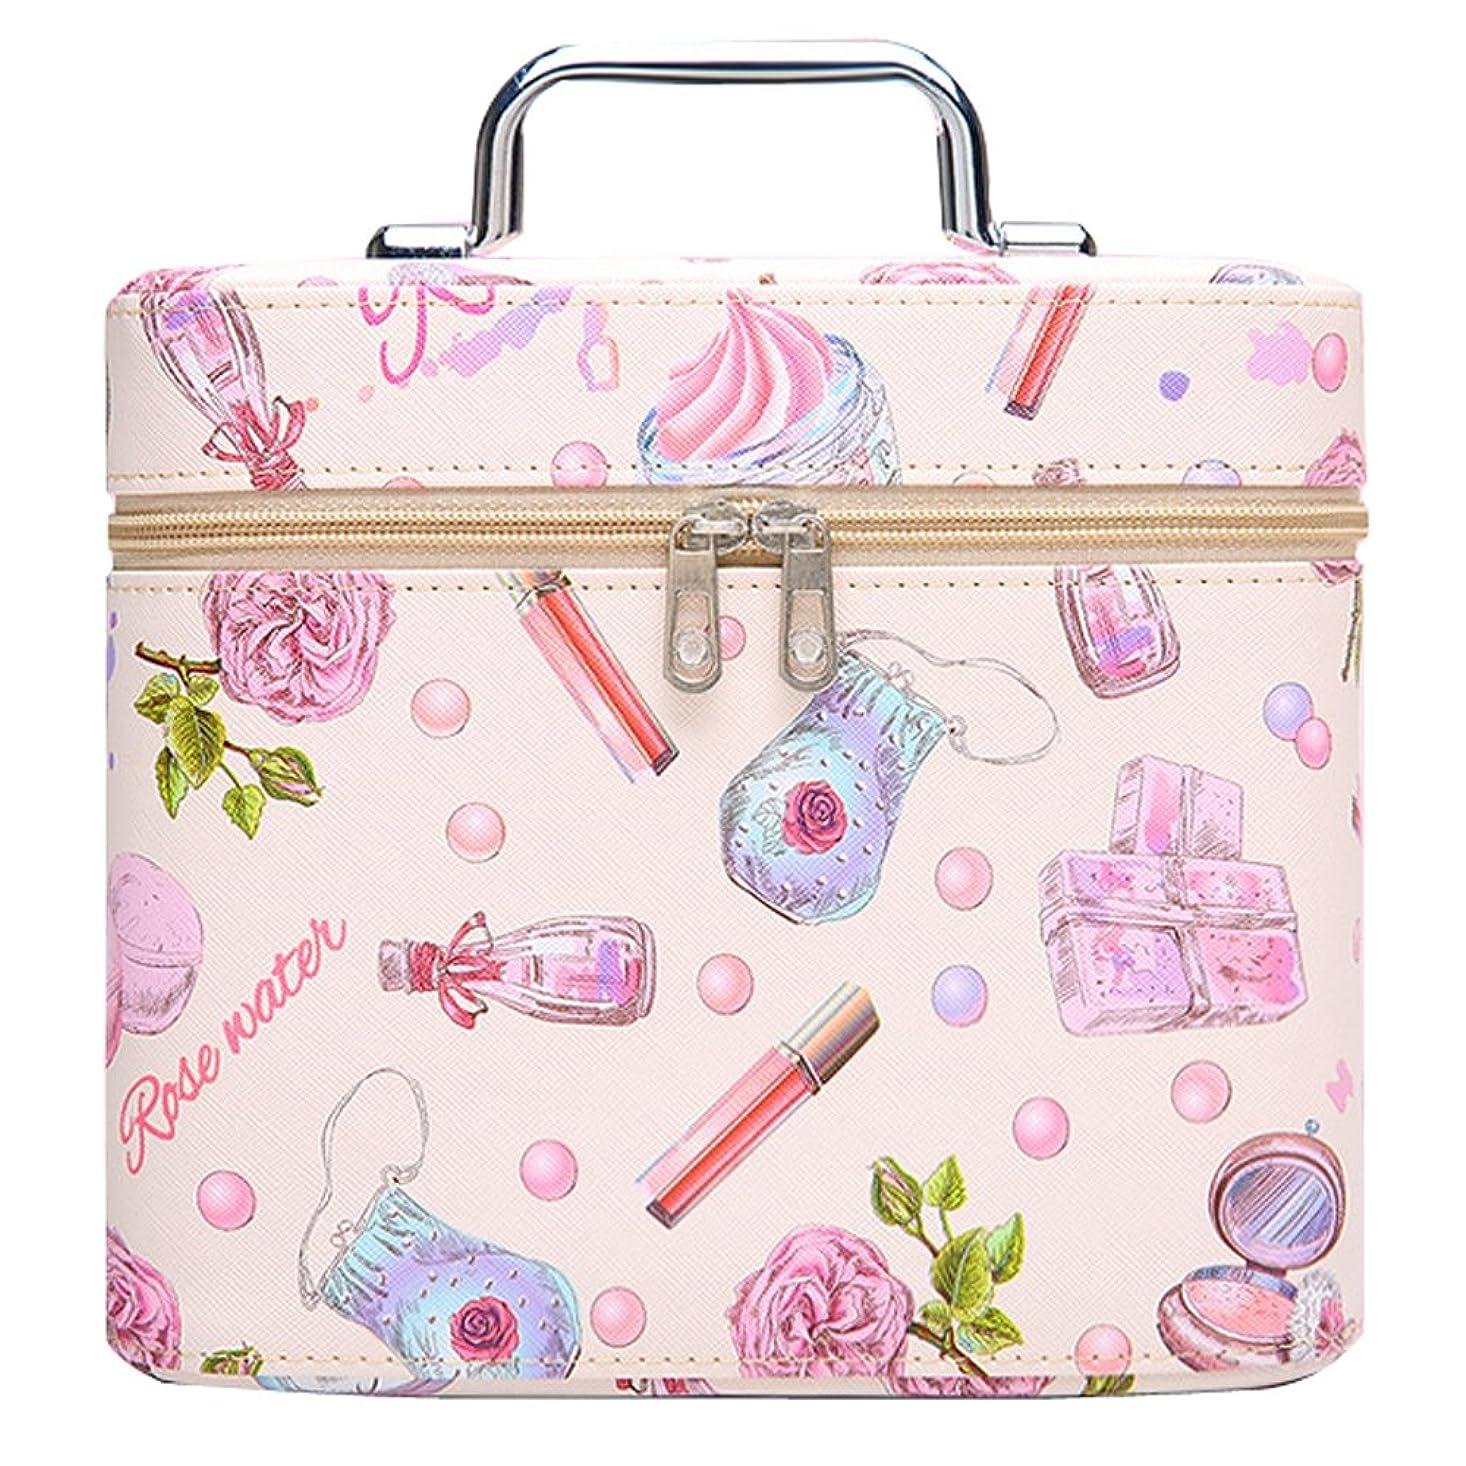 順応性宿題をするスプーンメイクボックス プロ 人気 コスメボックス 鏡付き 大容量 かわいい 化粧ボックス プロ 軽量 持ち運び (ピンク)